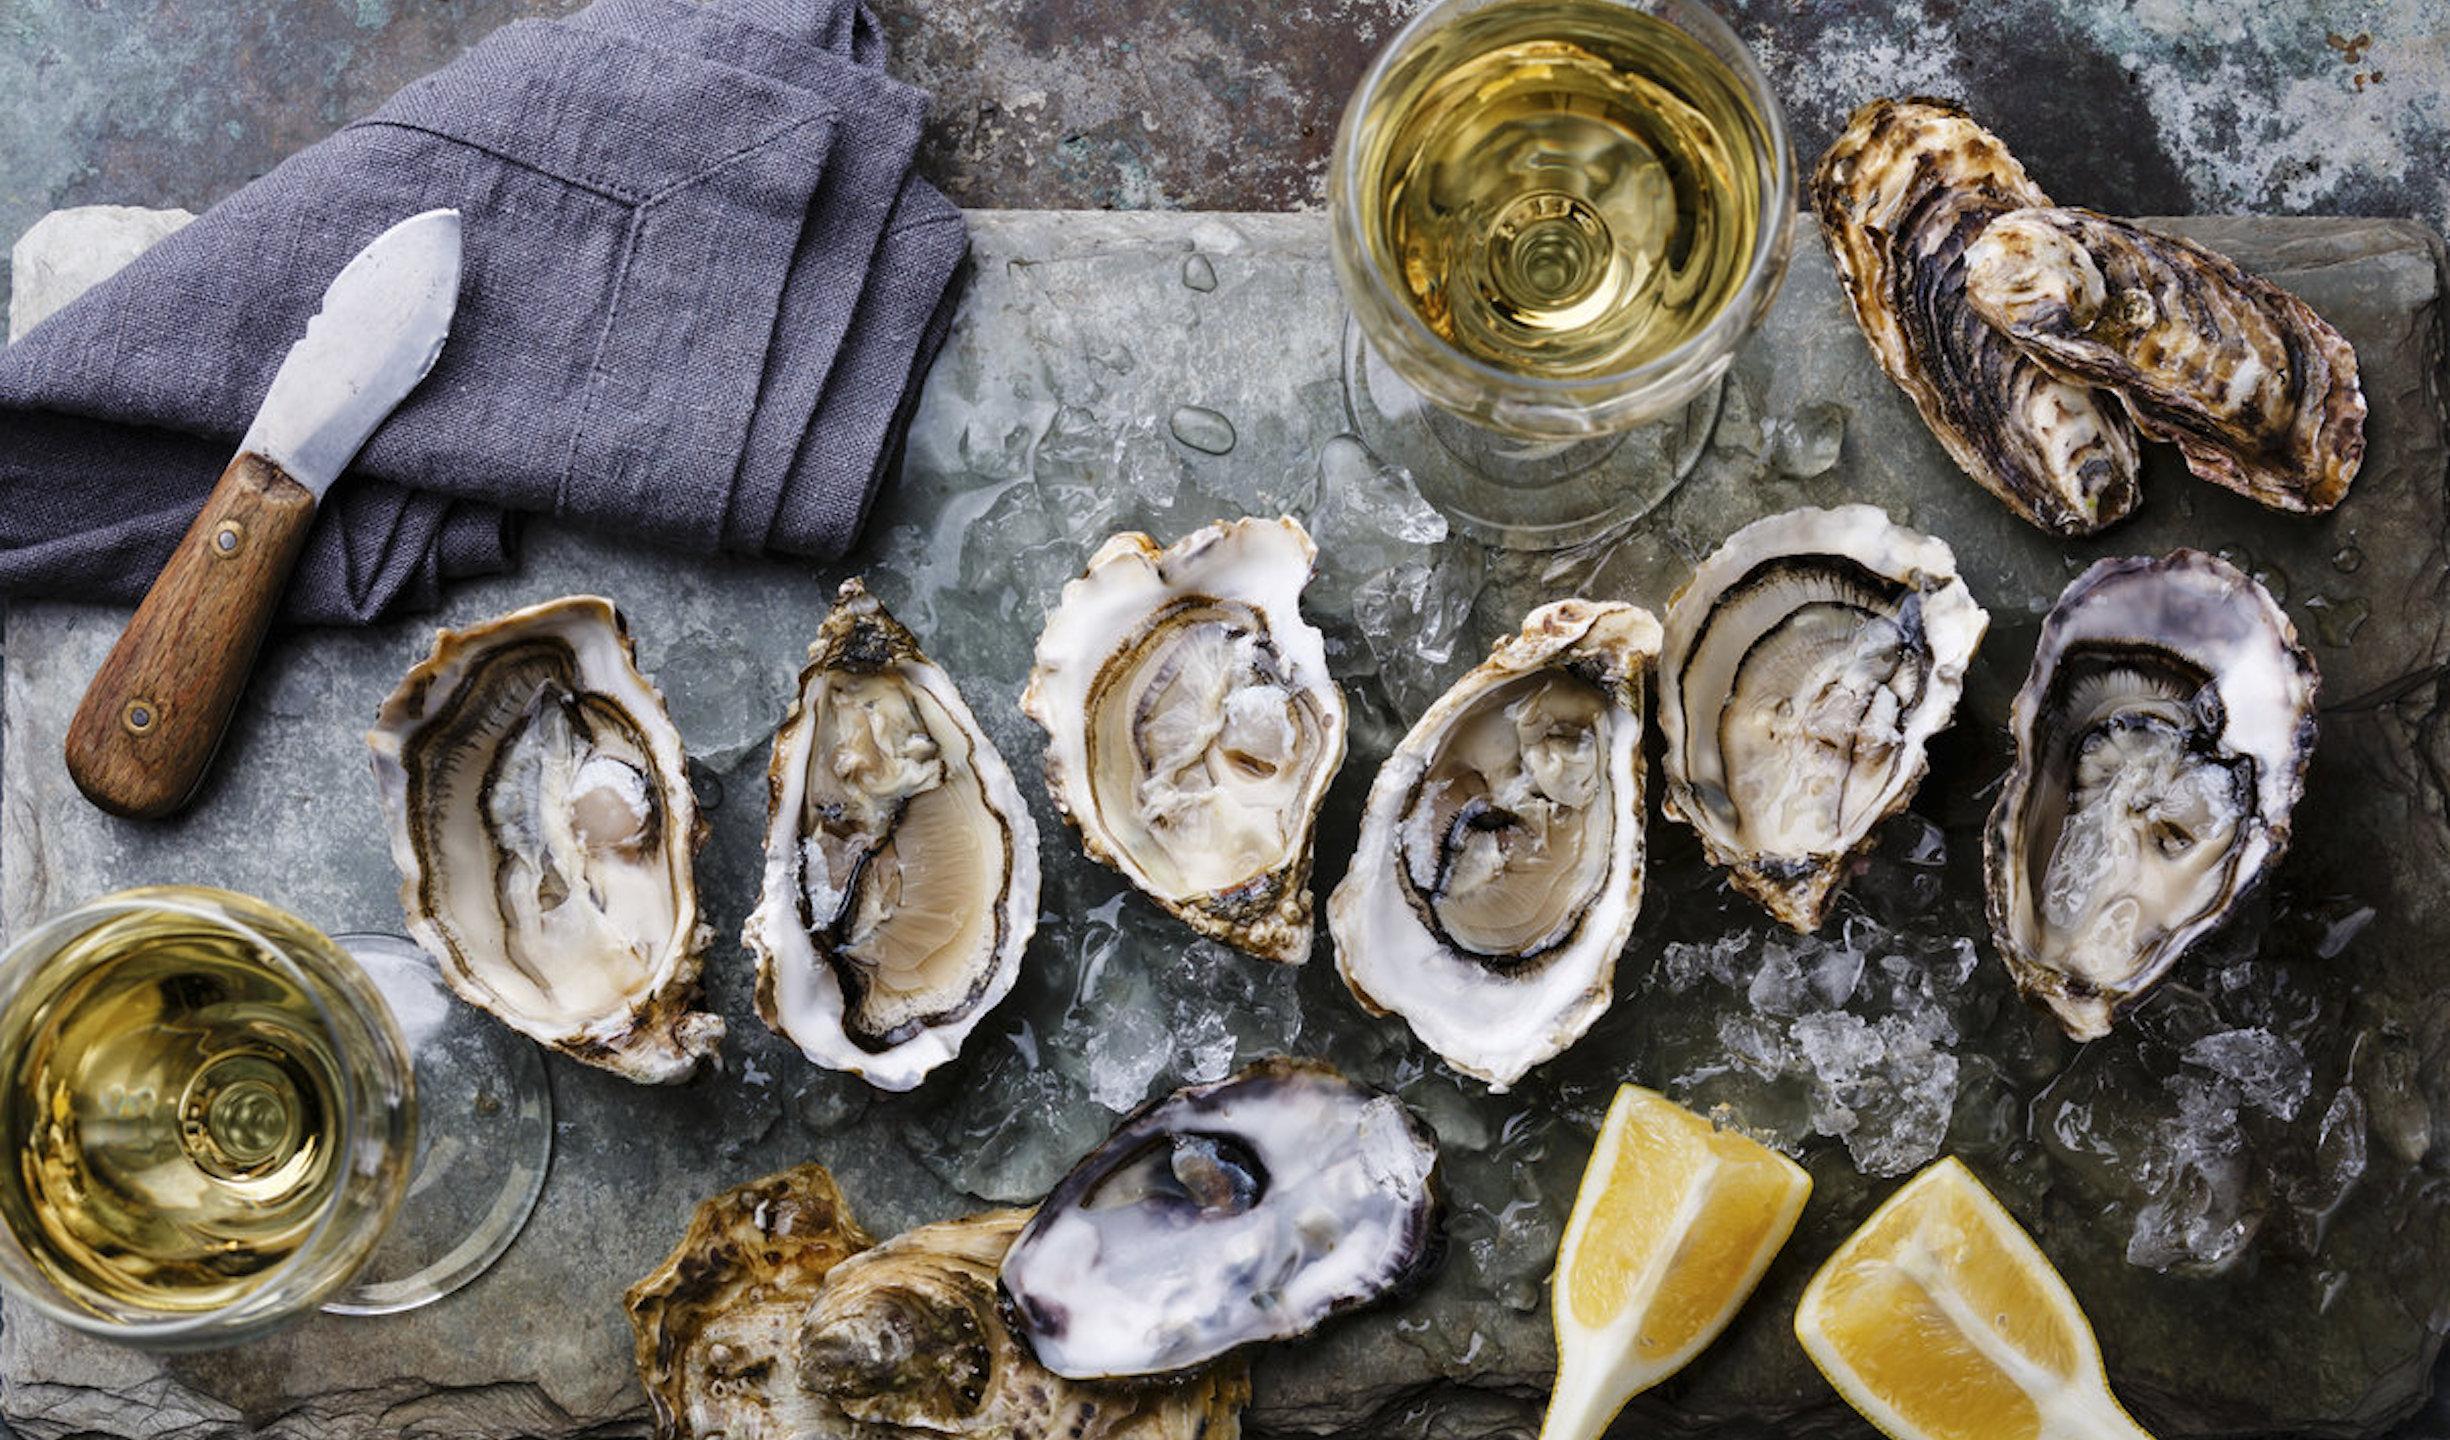 maridar mariscos y vino natural